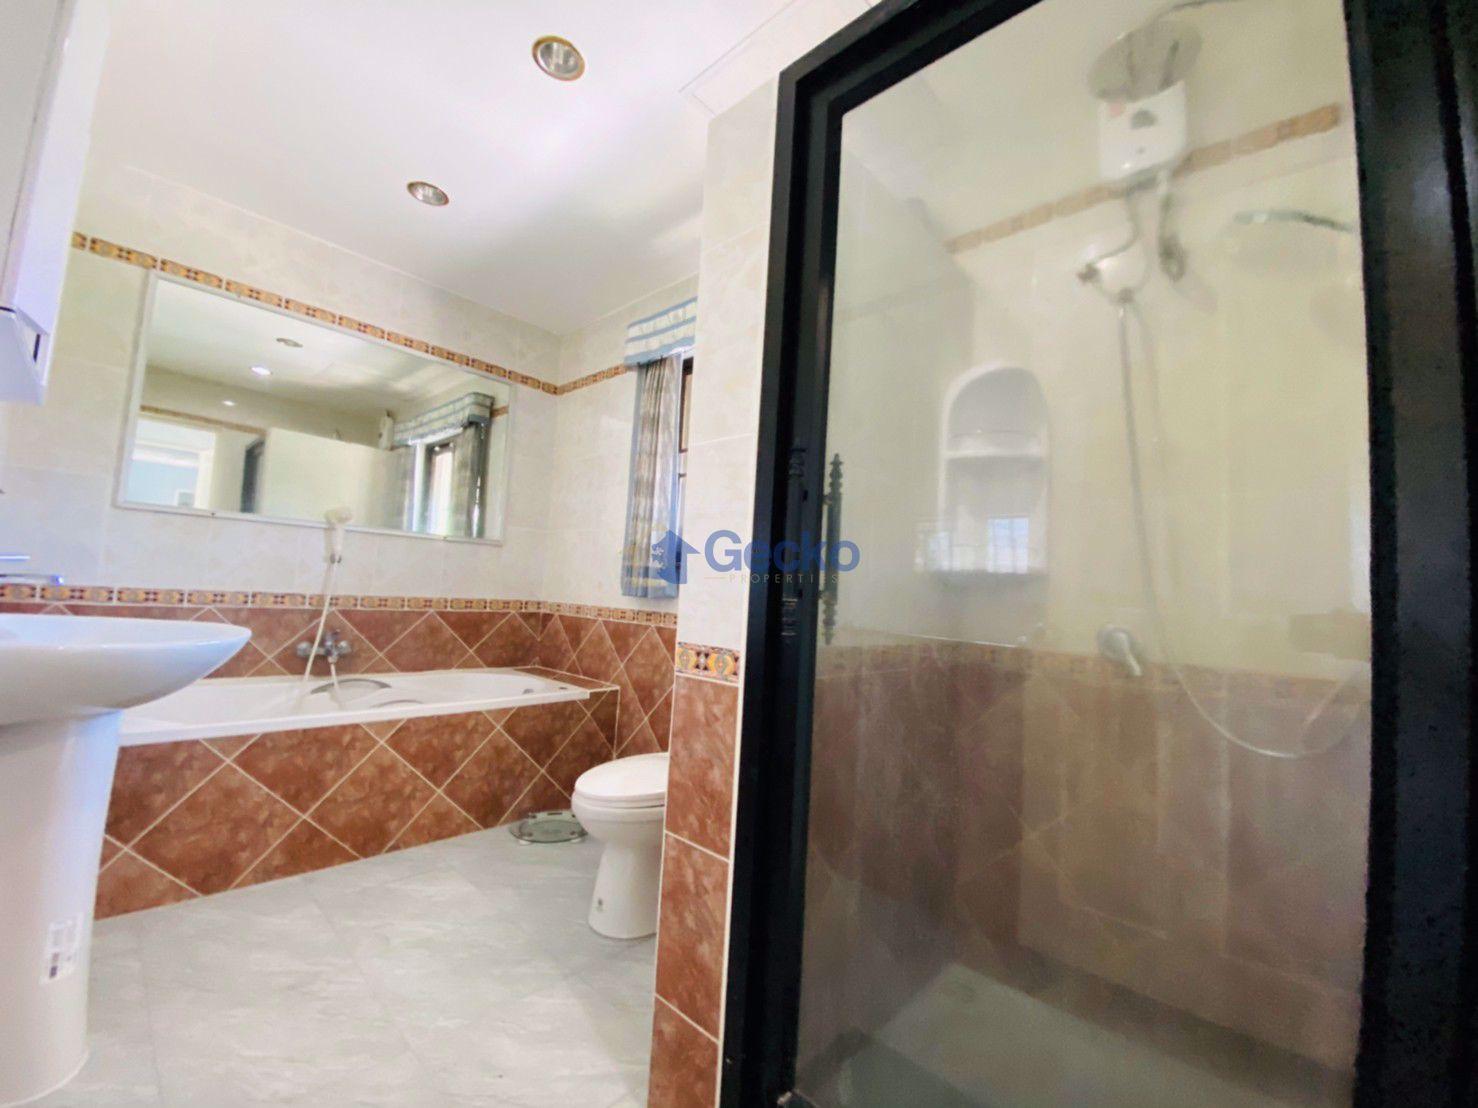 图片 3 Bedrooms bed in House in Coconut Valley in East Pattaya H008983